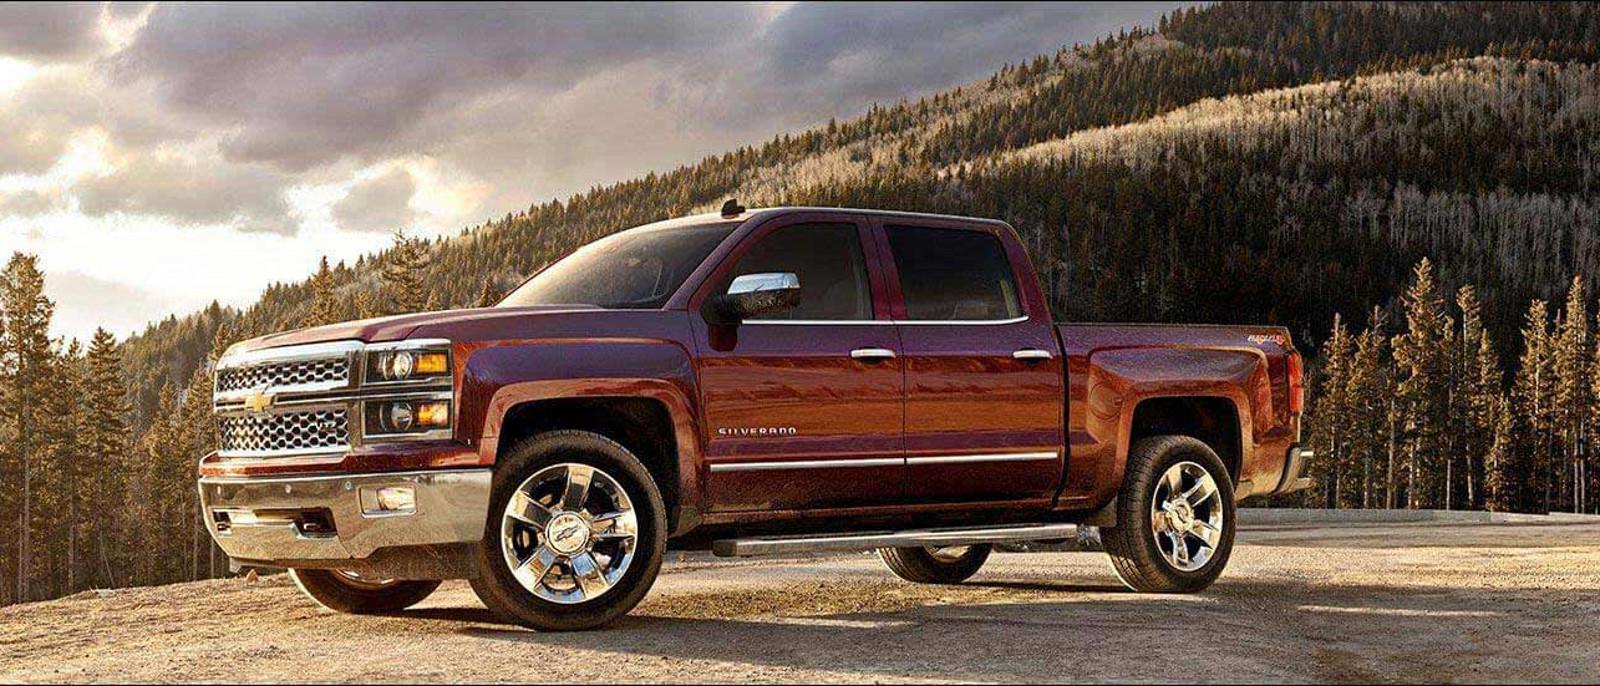 2015-Chevrolet-Silverado